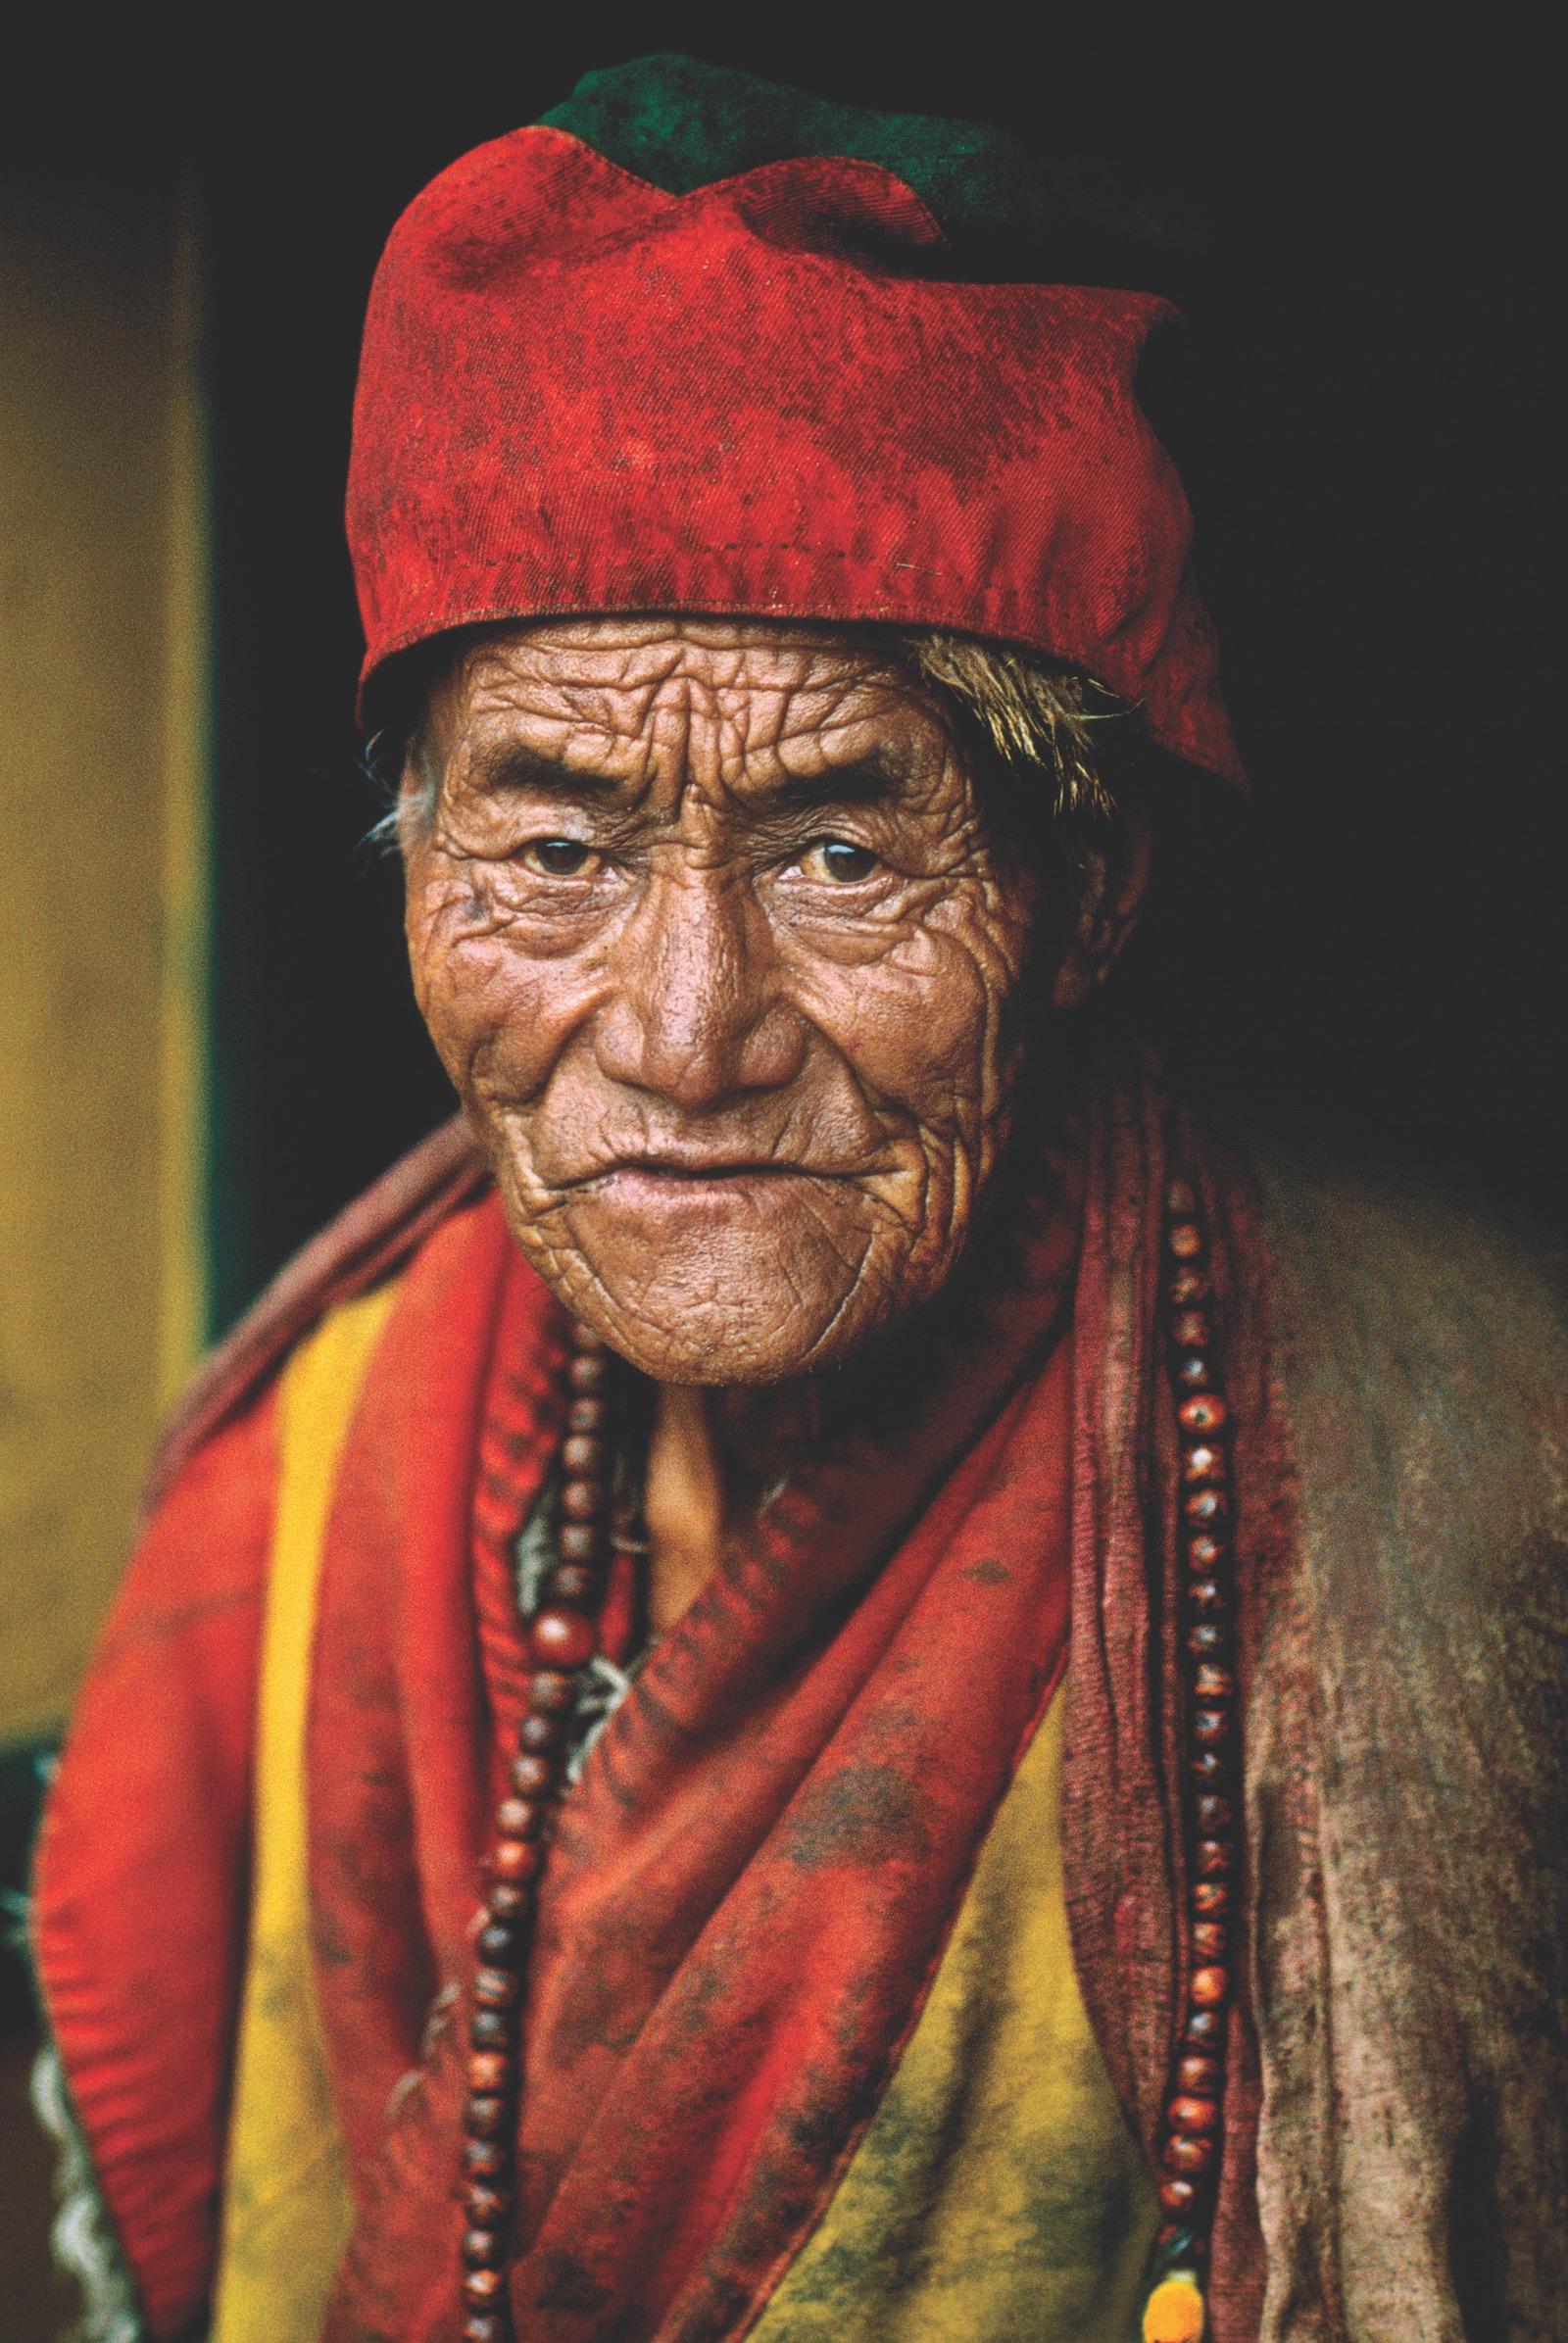 Monk, Kham, Tibet, 1999.